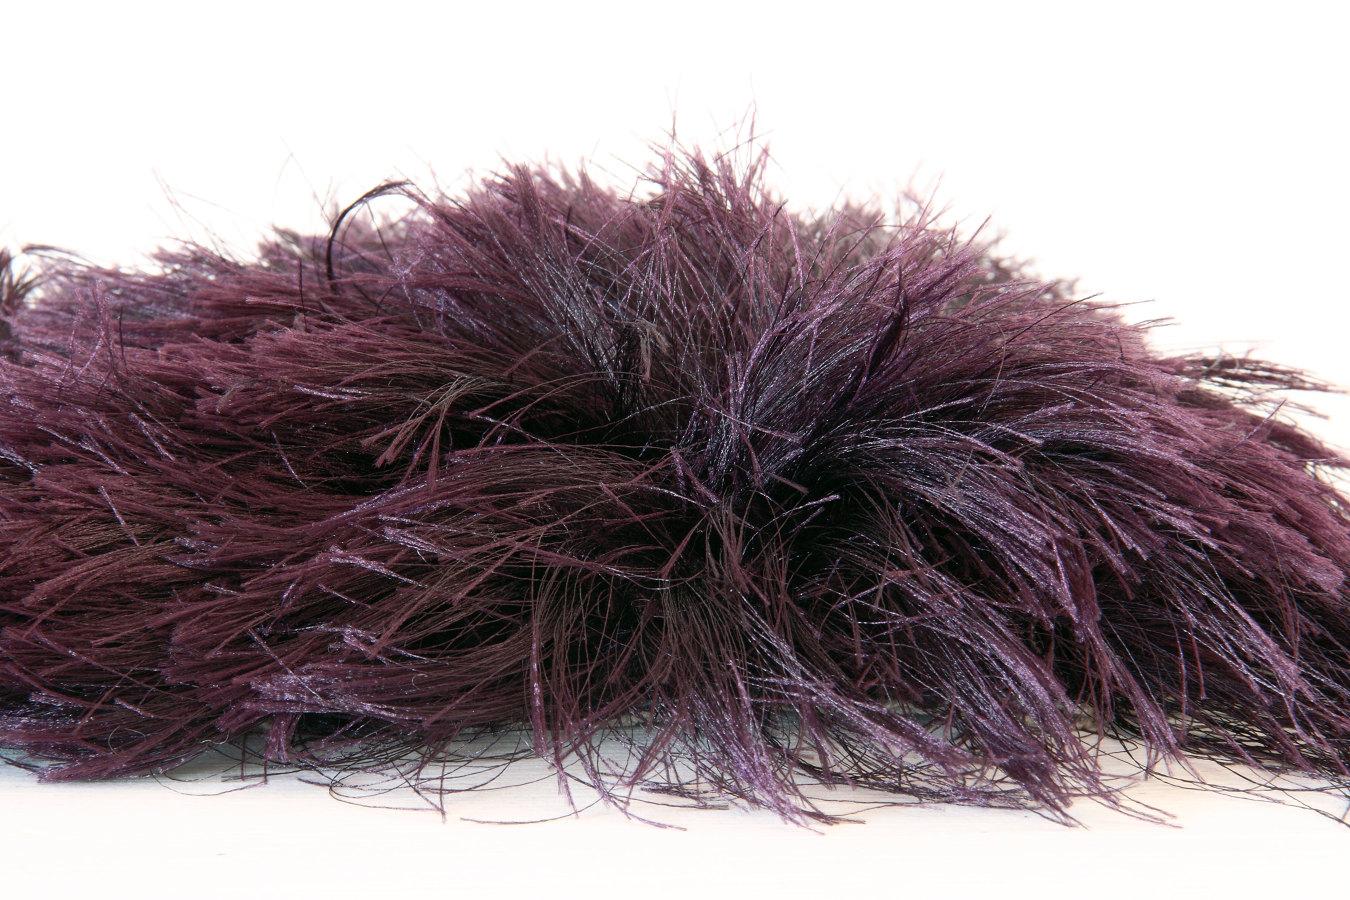 Como limpiar alfombras de pelo excellent irobot roomba - Como limpiar las alfombras en casa ...